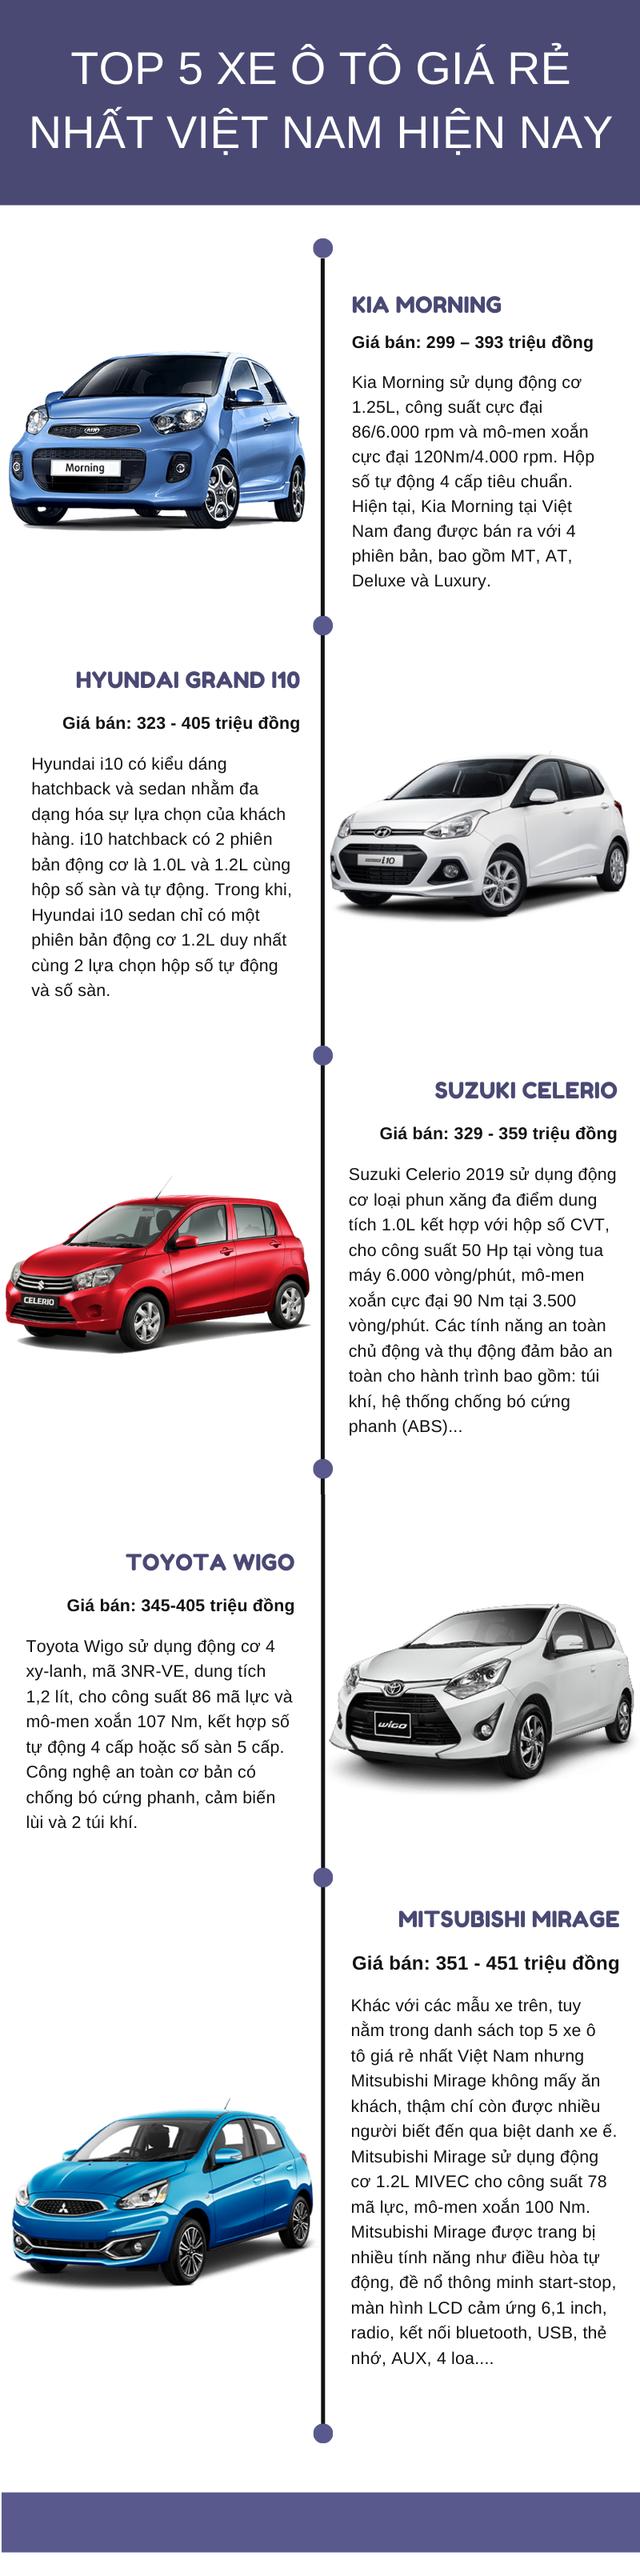 Top 5 xe ô tô giá rẻ nhất Việt Nam hiện nay, giá chỉ từ 290 triệu - Ảnh 1.